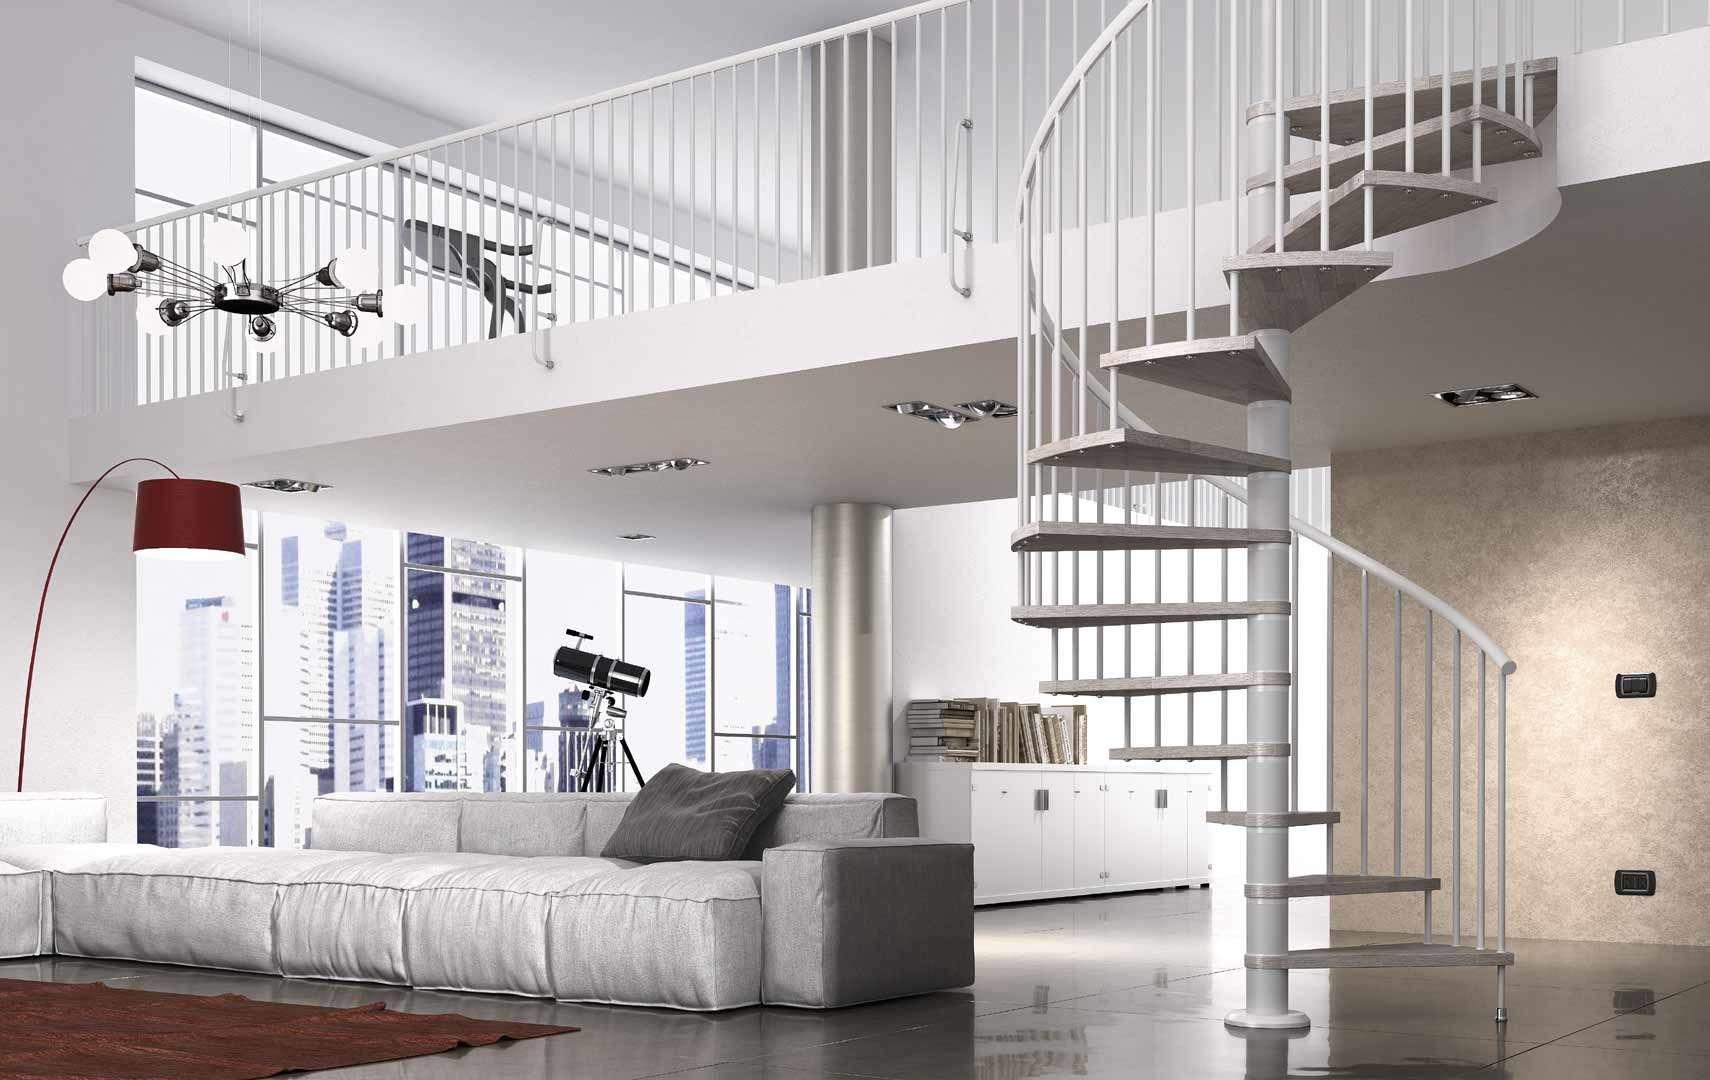 Fox ampia scelta di scale a chiocciola e scale elicoidali in legno per interni con - Scale a chiocciola interne ...